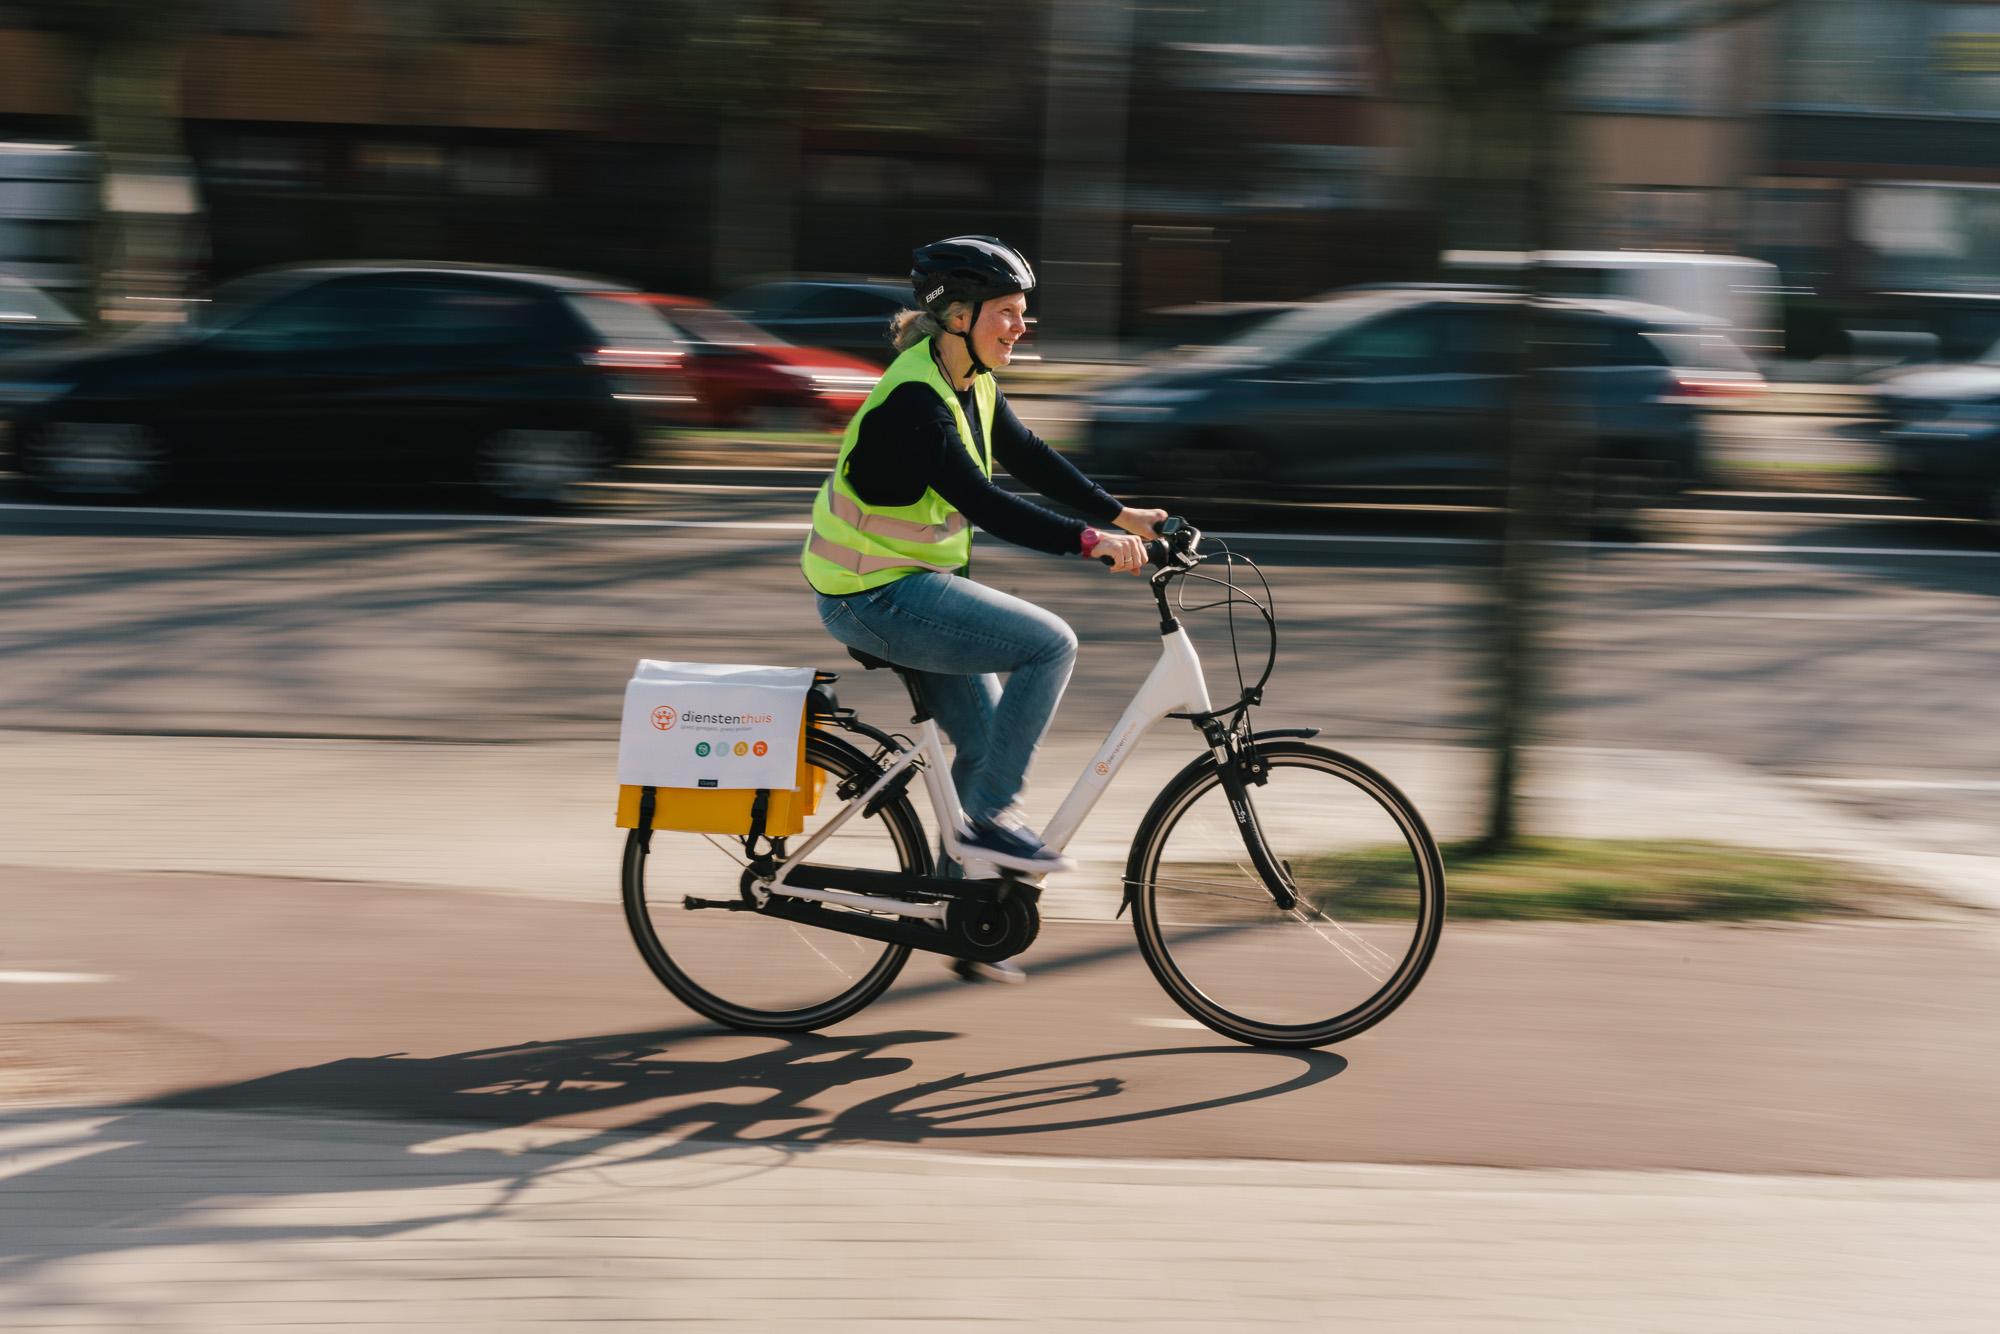 Dienstenthuis zet verder in op duurzame mobiliteit en breidt haar fietsaanbod aan medewerkers uit met pechverhelping